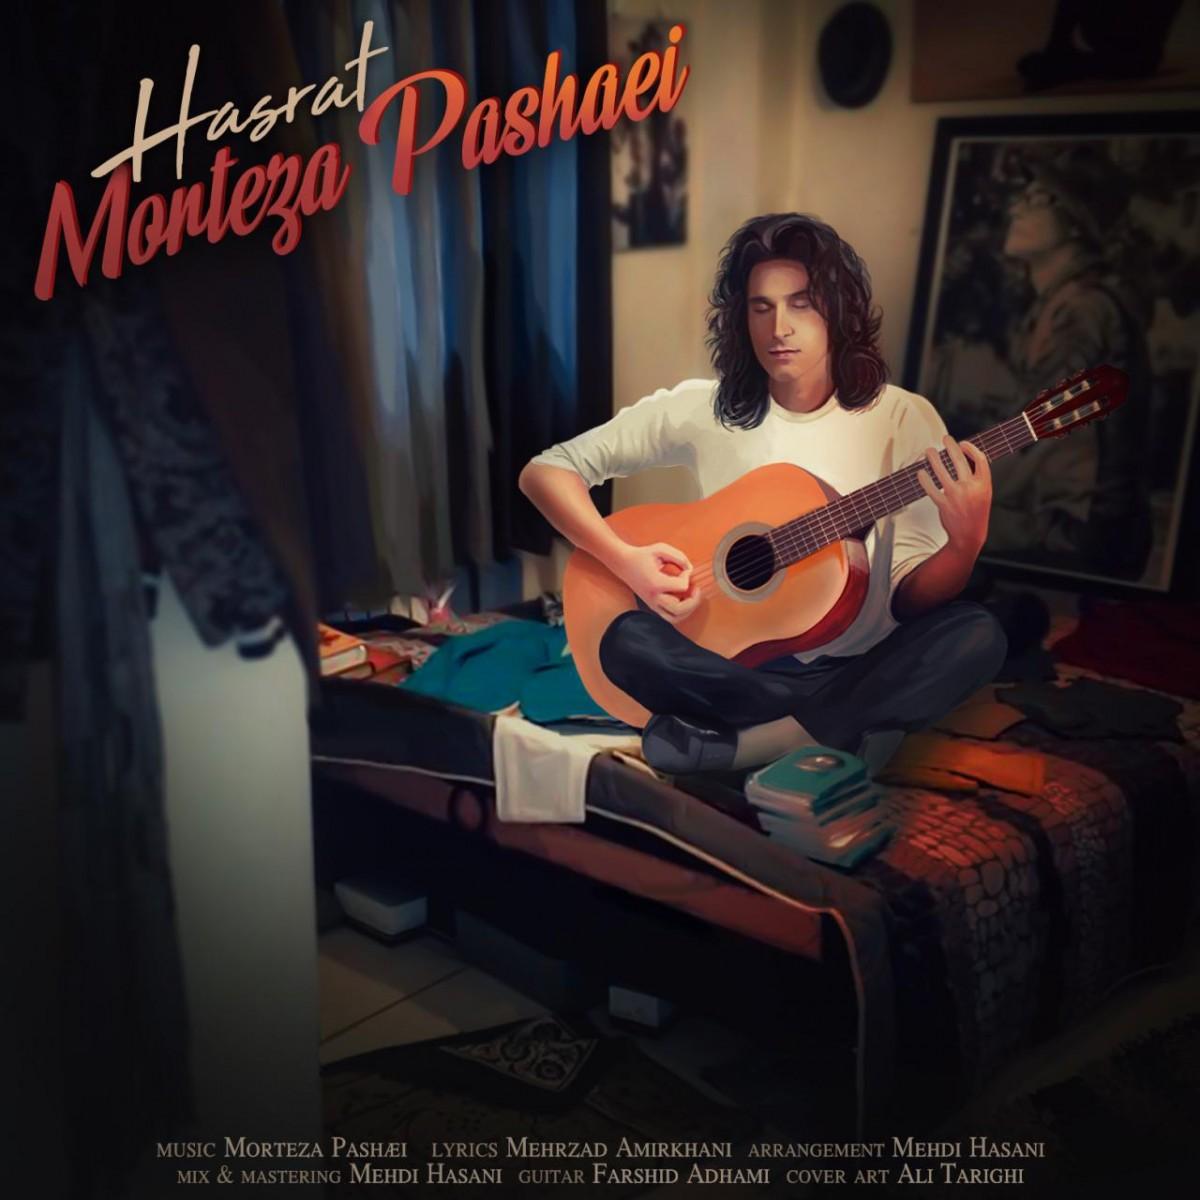 نامبر وان موزیک | دانلود آهنگ جدید Morteza-Pashaei-Hasrat